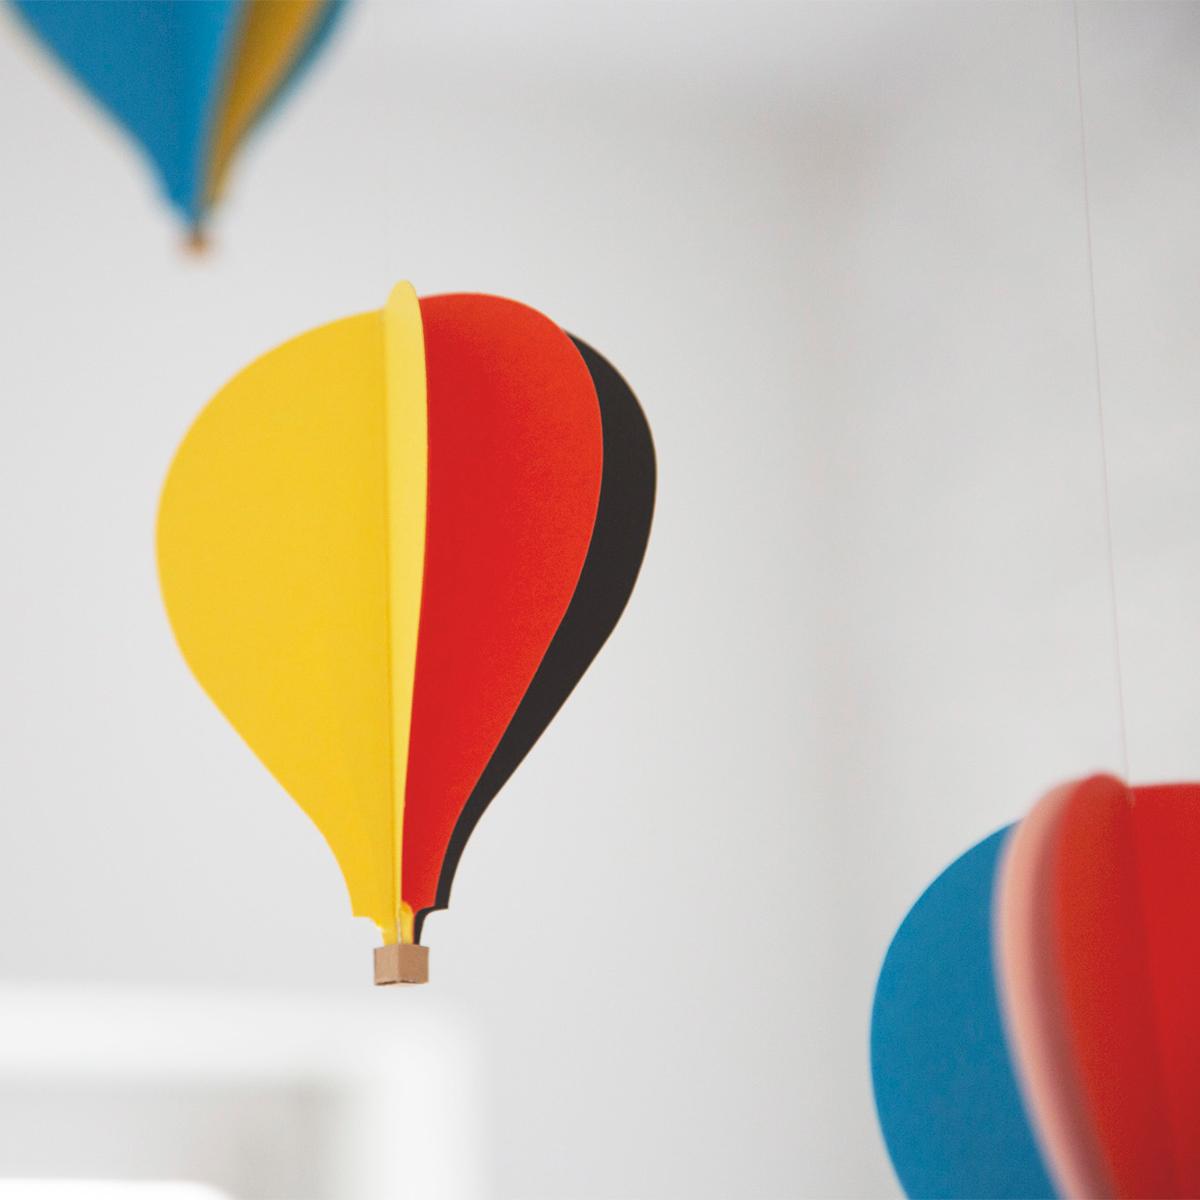 空中が、癒しの空間に。吊り下げるだけで、お部屋がモダン空間に変わる「大人のモビール」|FLENSTED MOBILES(フレンステッドモビール)